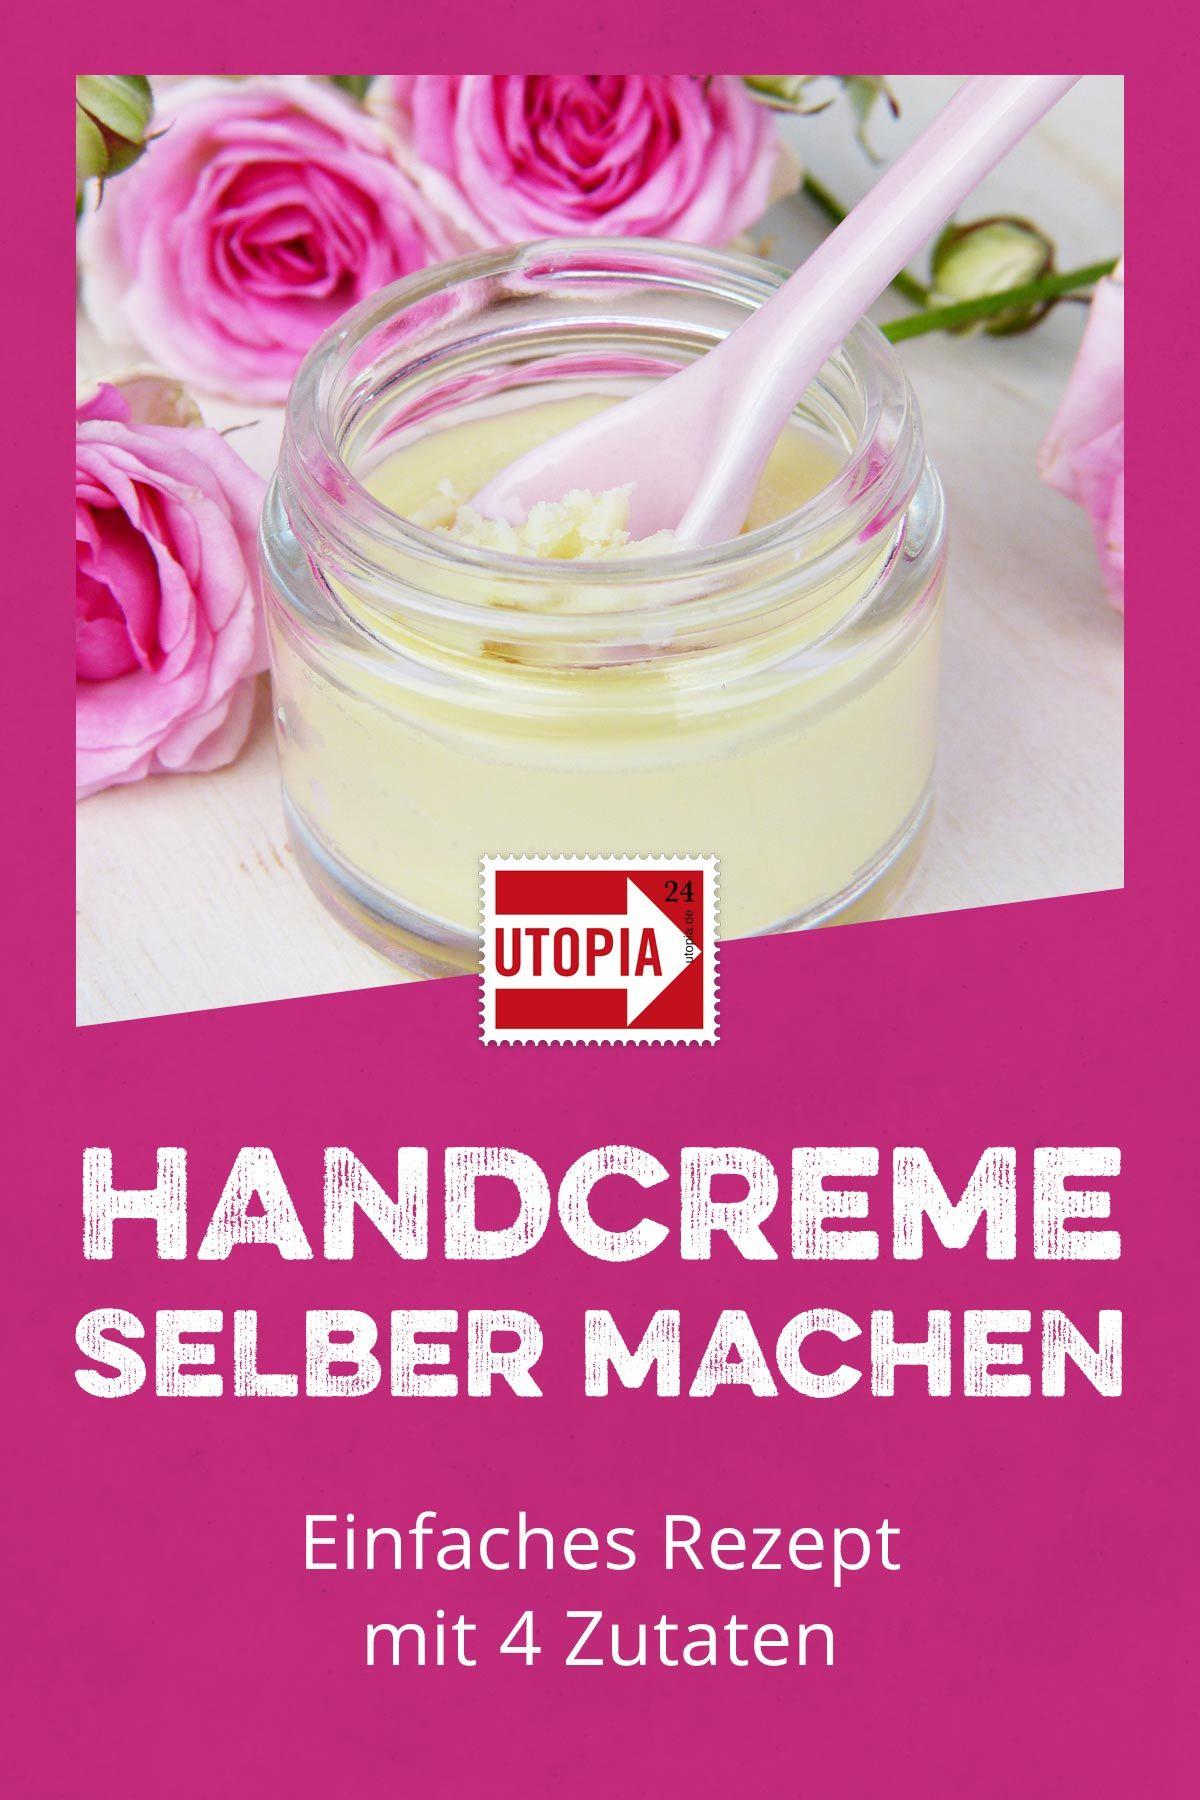 Handcreme selber machen: Anleitung mit natürlichen Zutaten - Utopia.de